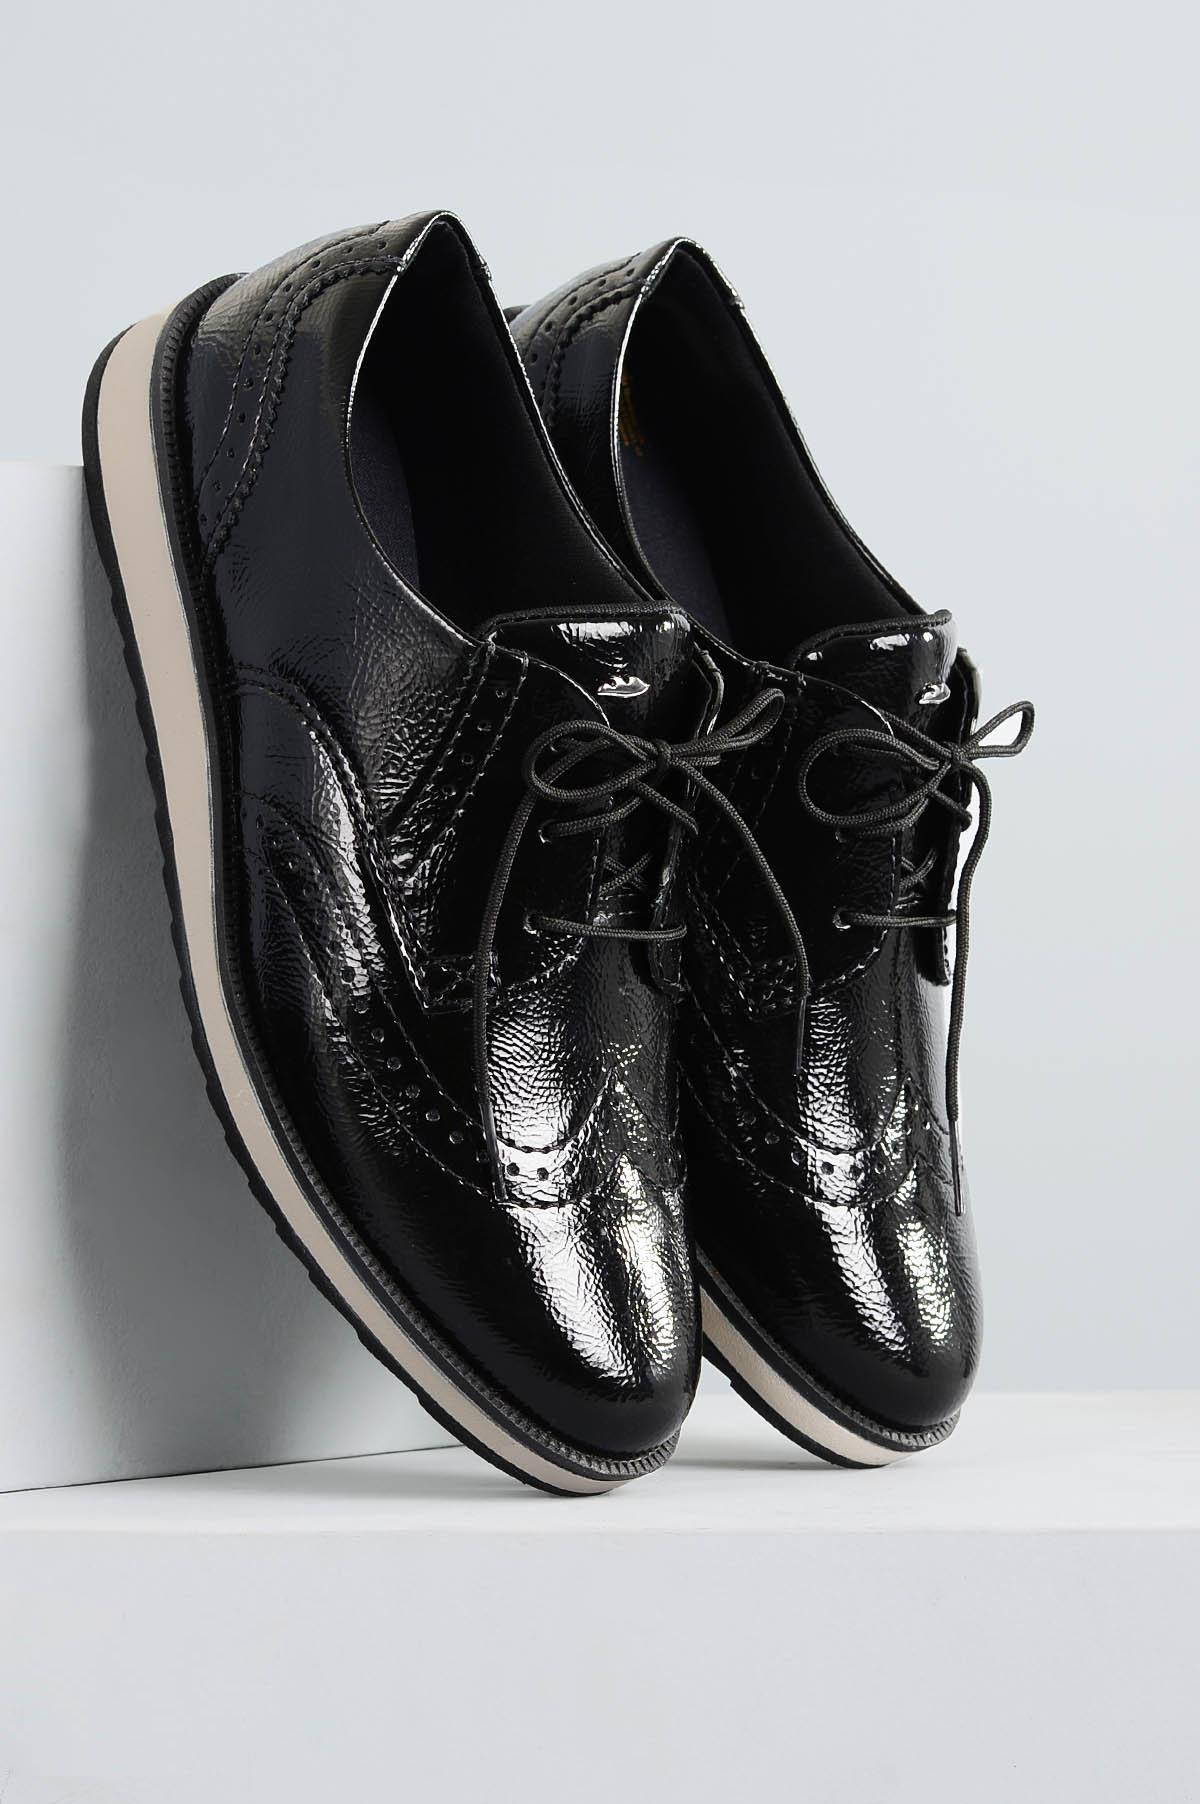 a6caac1645 Oxford Feminino Dilan Dakota VERNIZ PRETO - Mundial Calçados